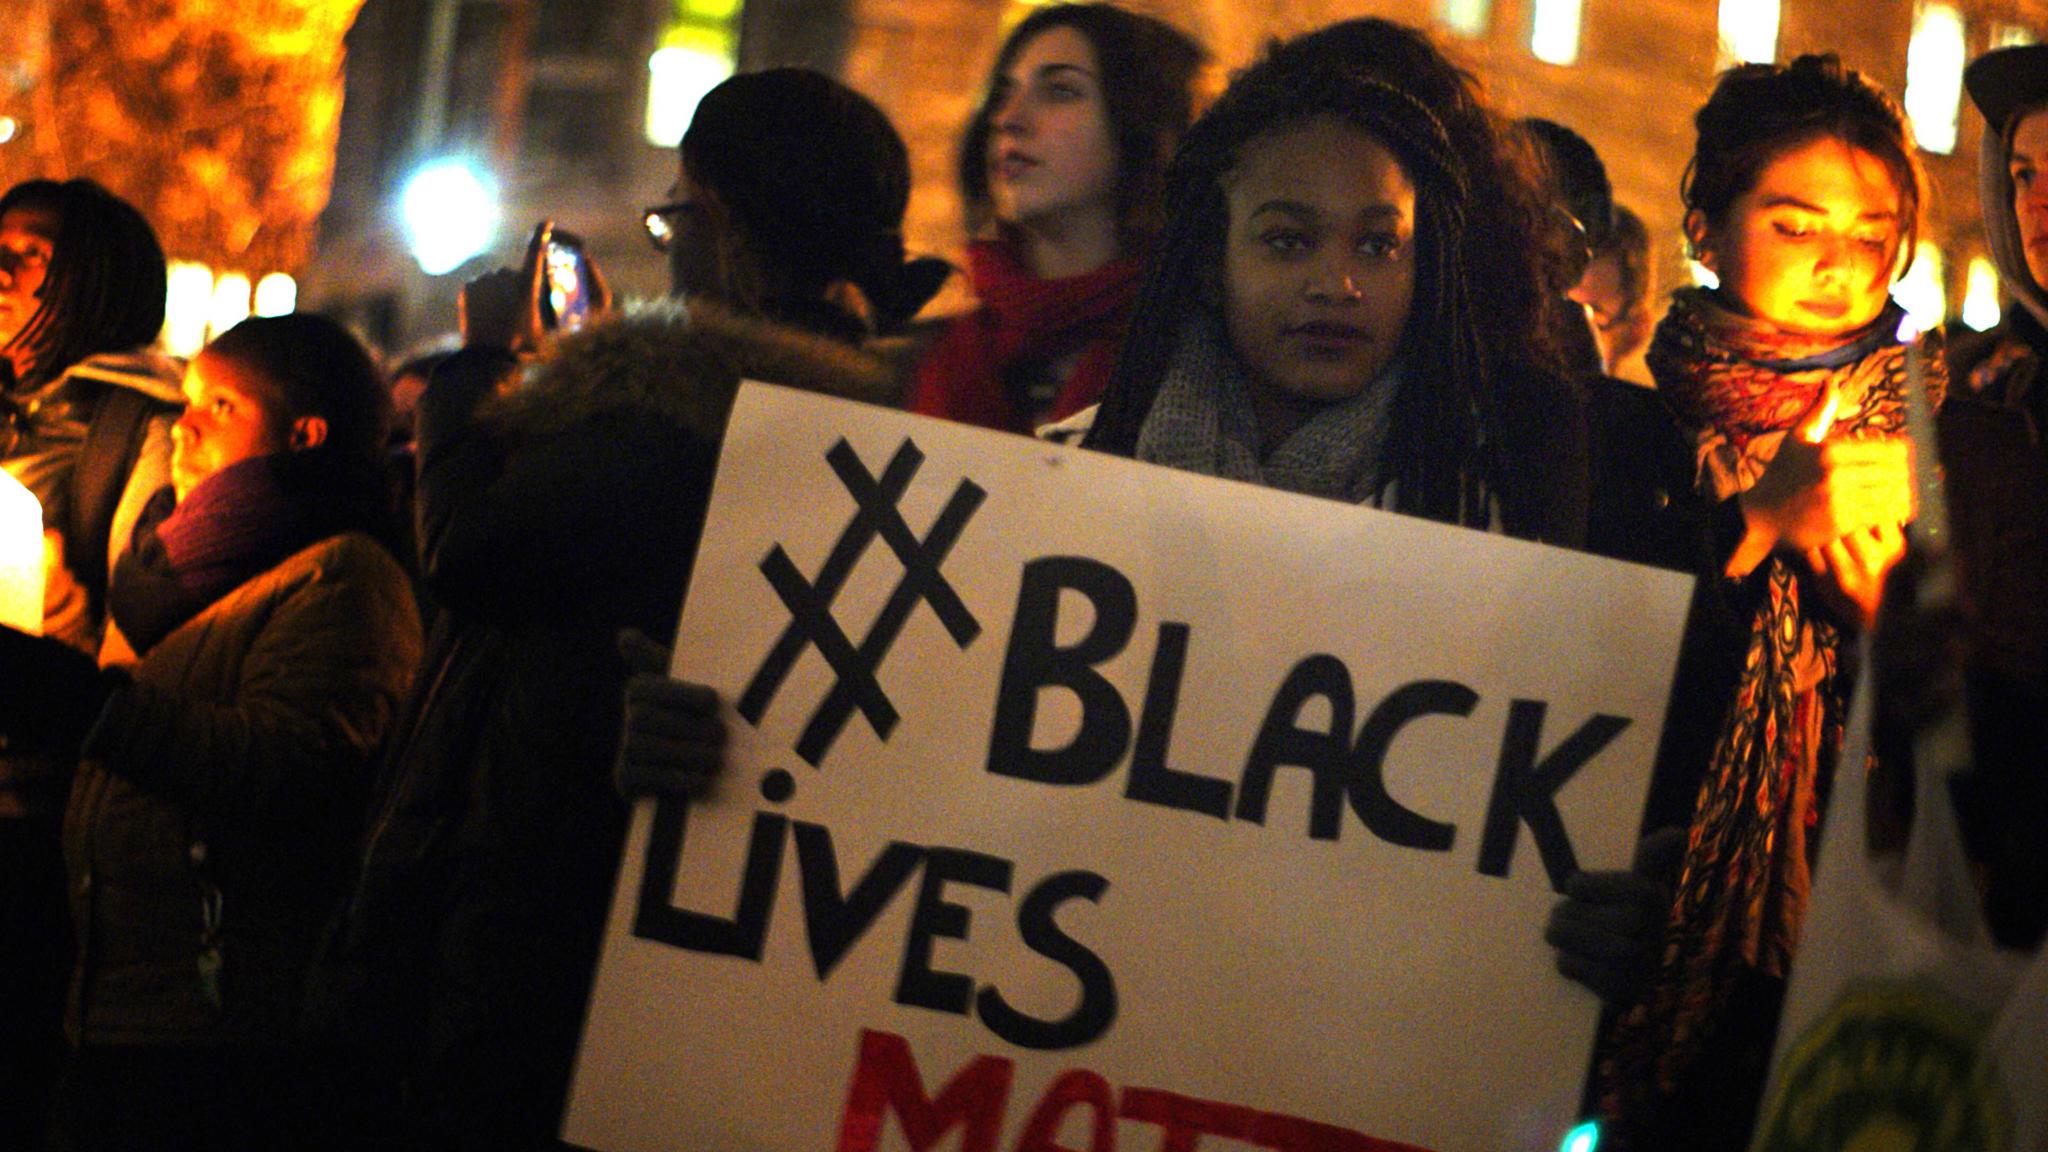 États-Unis: Le mouvement Black Lives Matter revendique un revenu de base inconditionnel